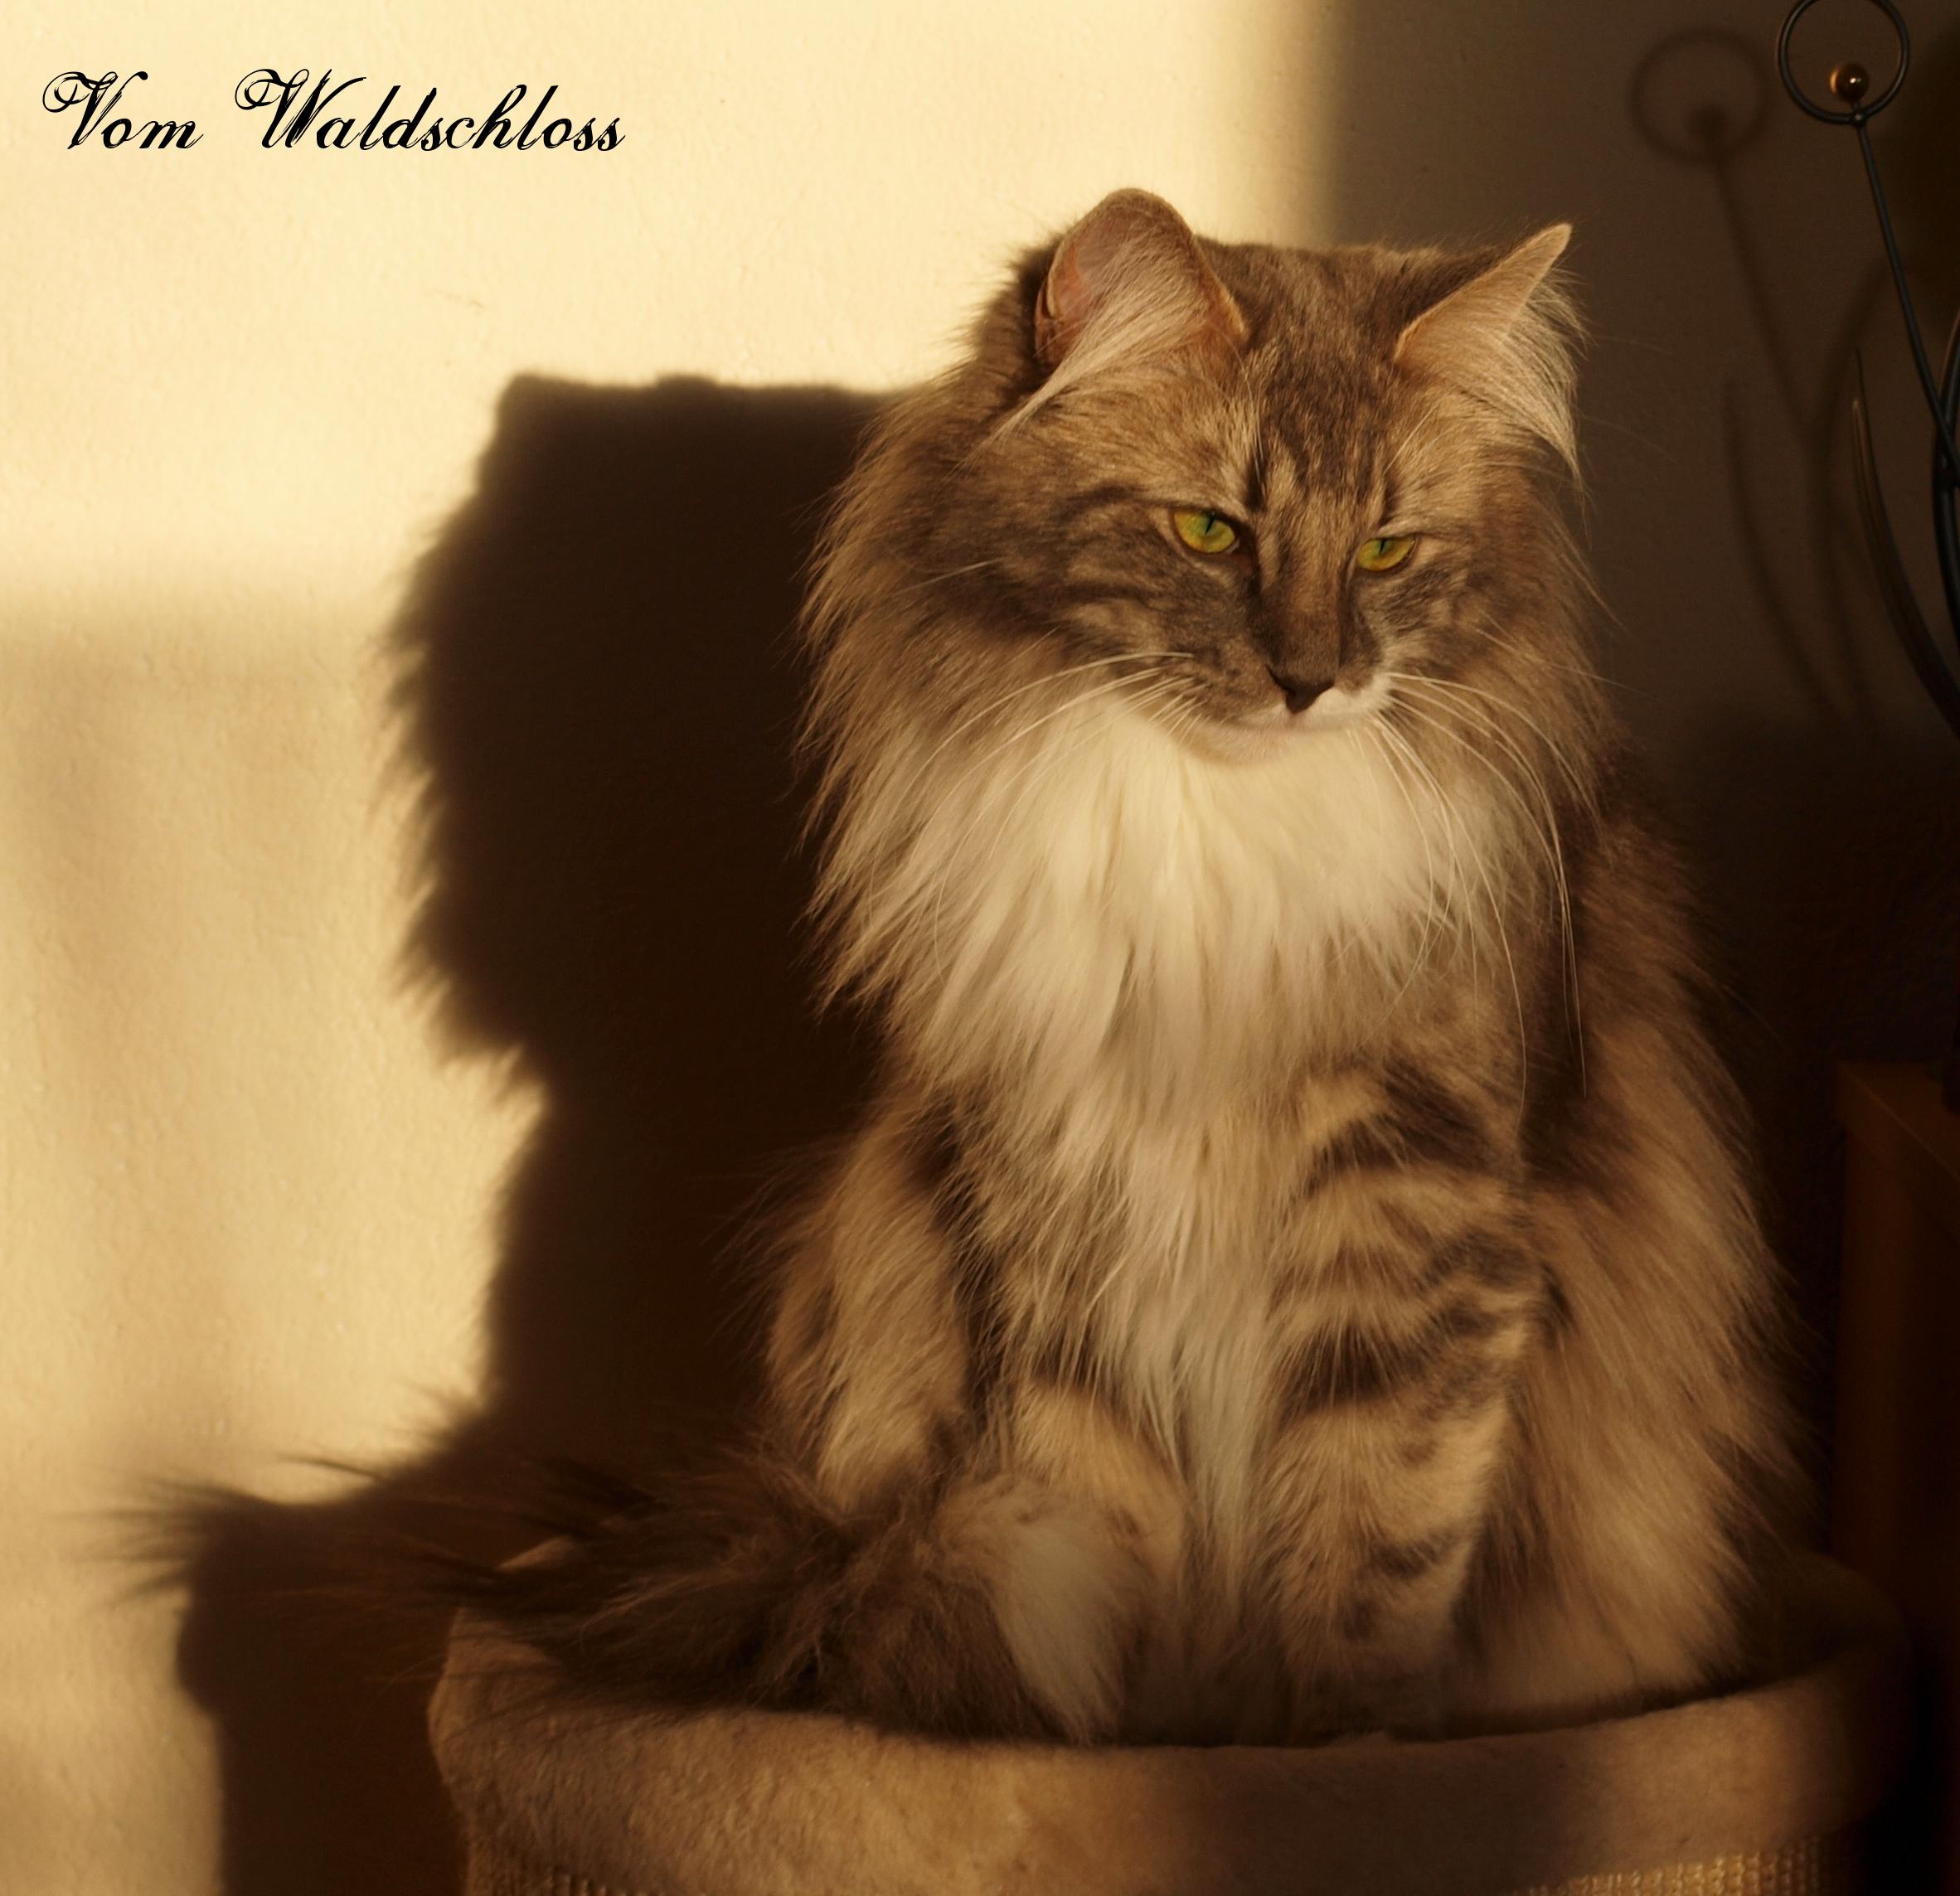 Die Norwegische Waldkatze Norwegische Waldkatzen Vom Waldschloss